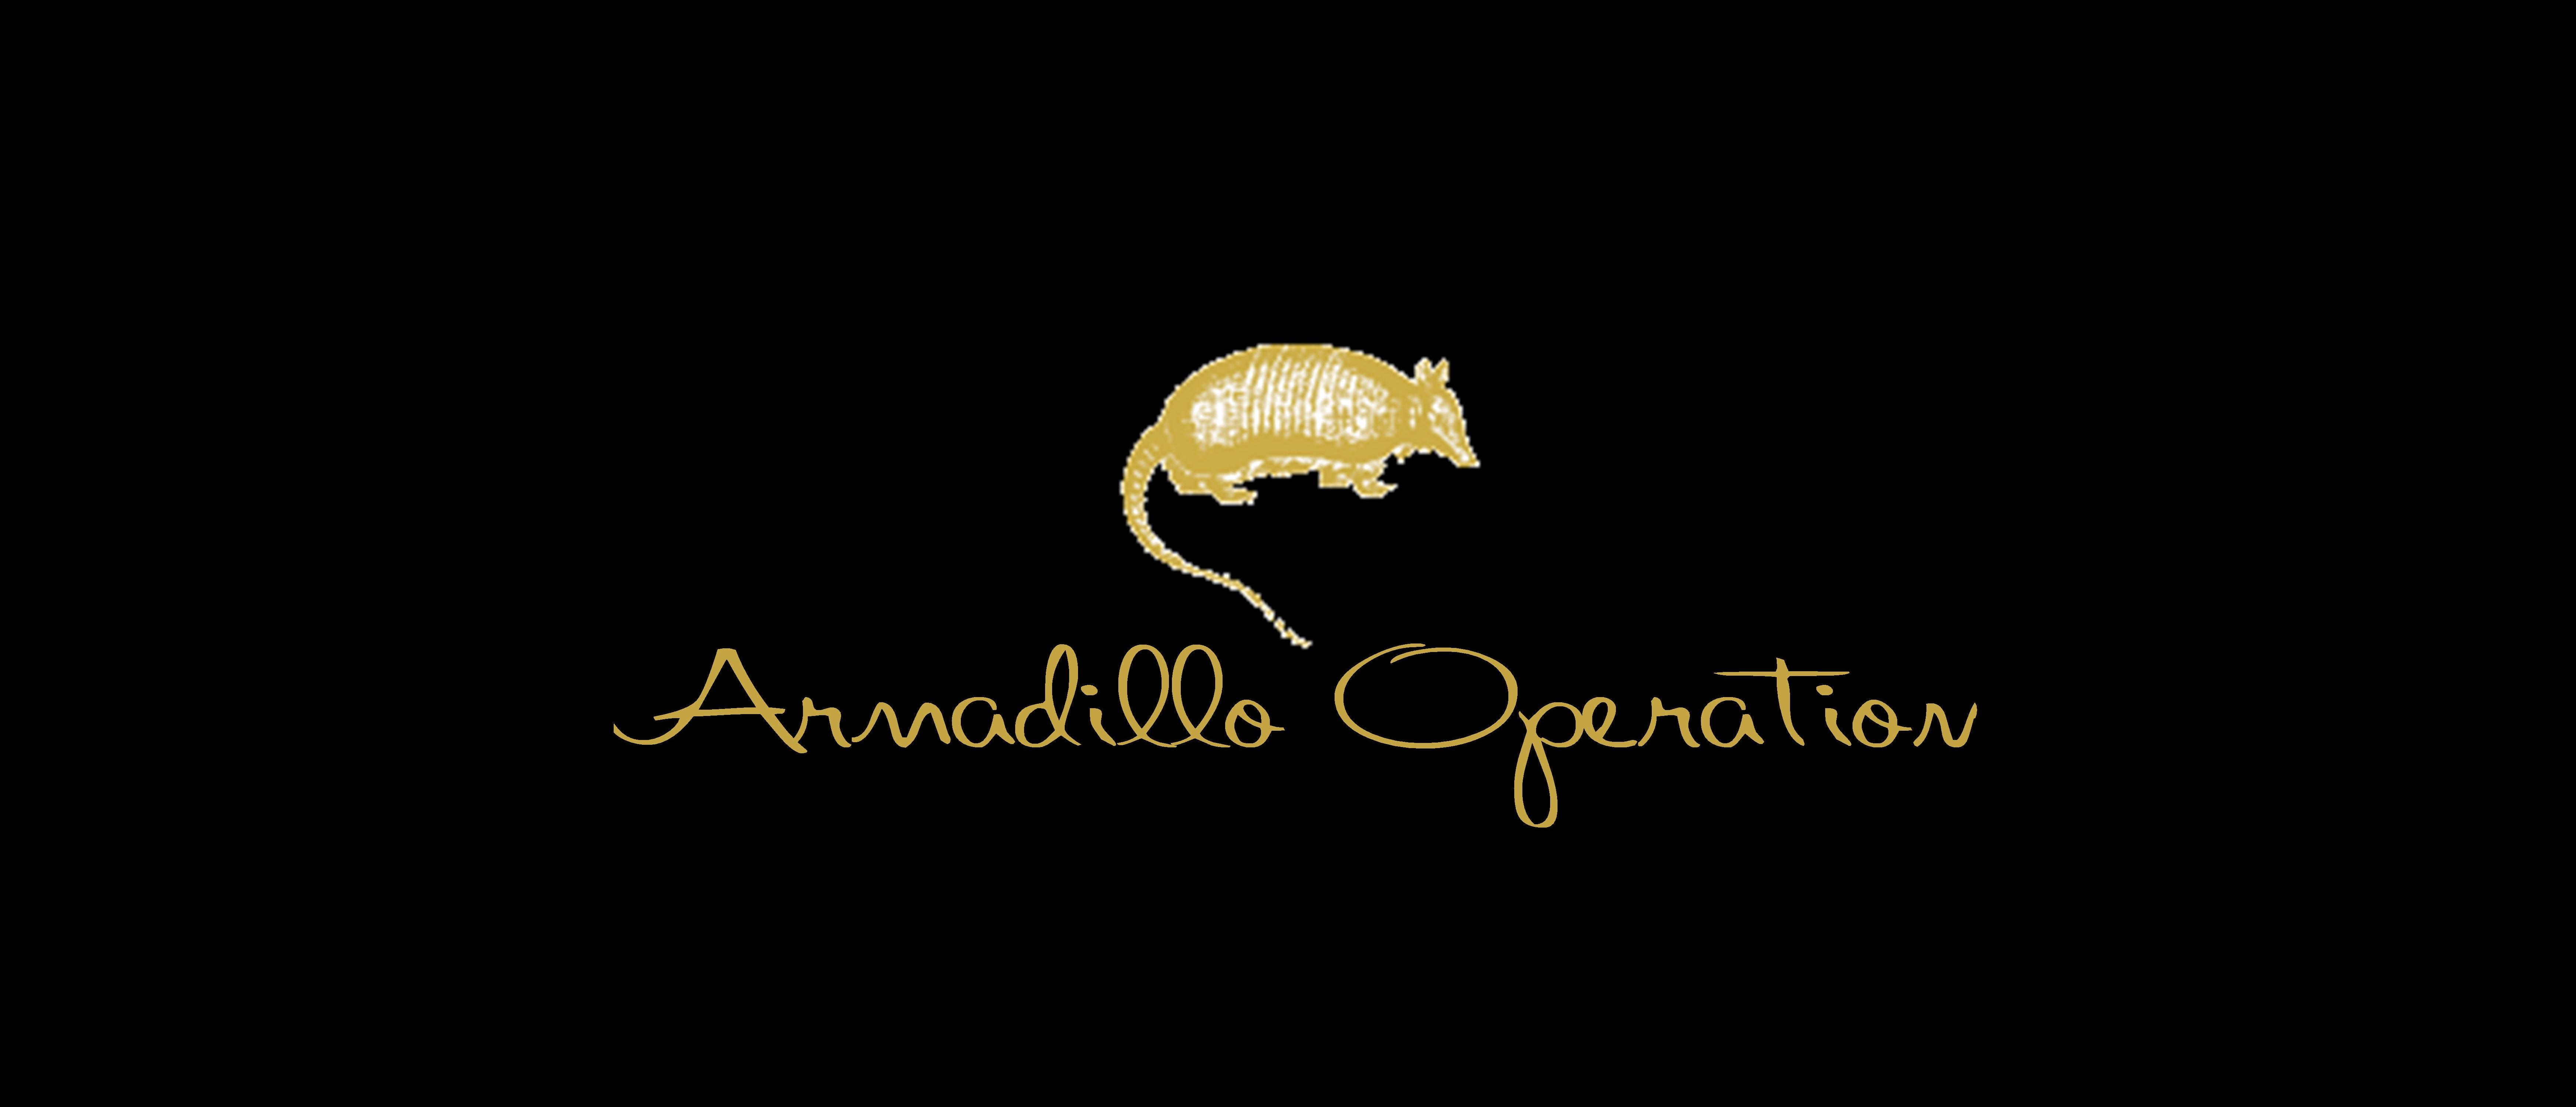 西洋東洋古民具専門Web-Shop Armadillo Operation ー アルマジロ オペレーション ー